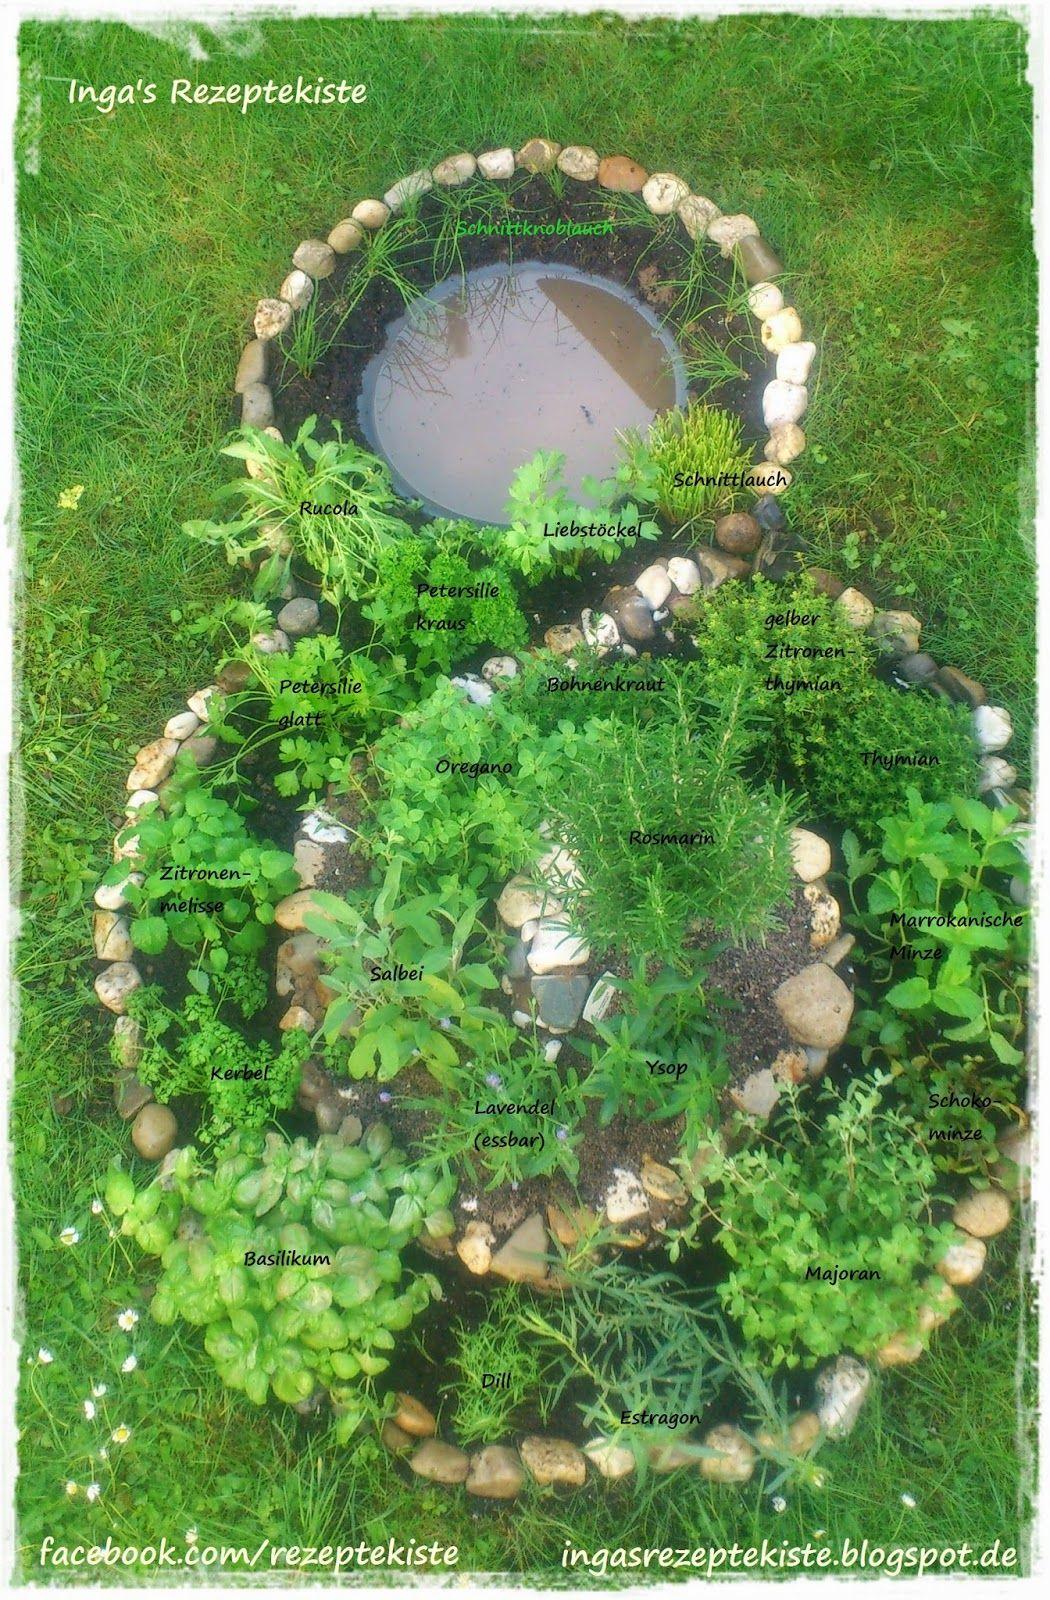 Diesen Sommer will ich unseren Garten mit einer schönen  Kräuterspirale versehen. Das ist ganz schön viel Arbeit, aber ich freue  mich scho... #backyardmakeover